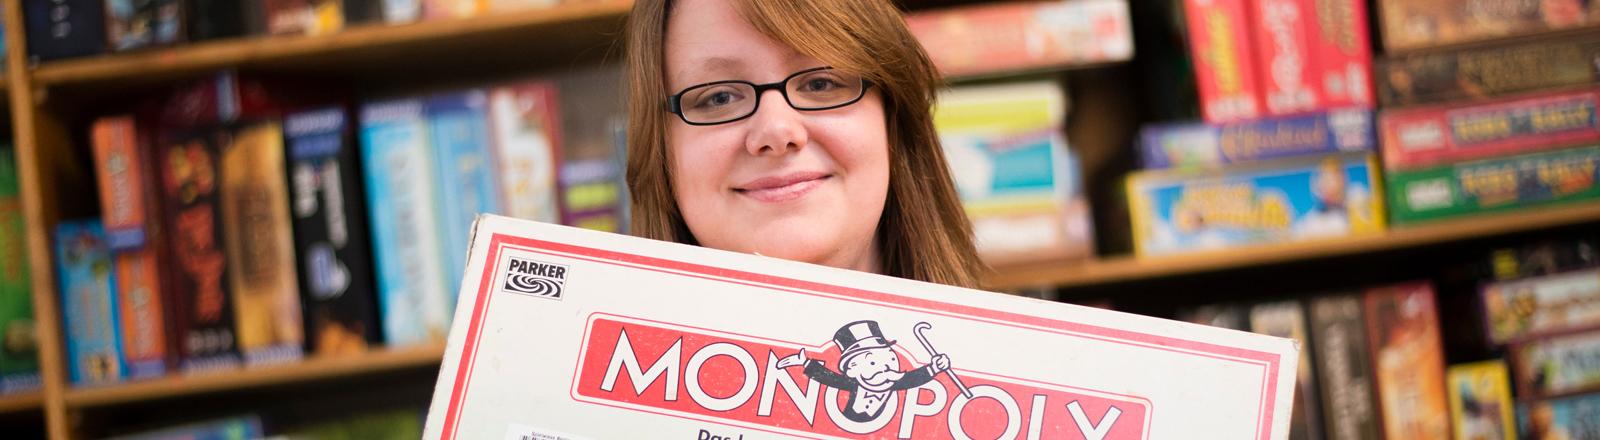 Die amtierende Deutsche Meisterin im Monopoly, Ita Hoffmann posiert am 23.08.2015 mit einem Monopoly-Spiel im Cafe Spielwiese in Berlin, für ein Portrait.